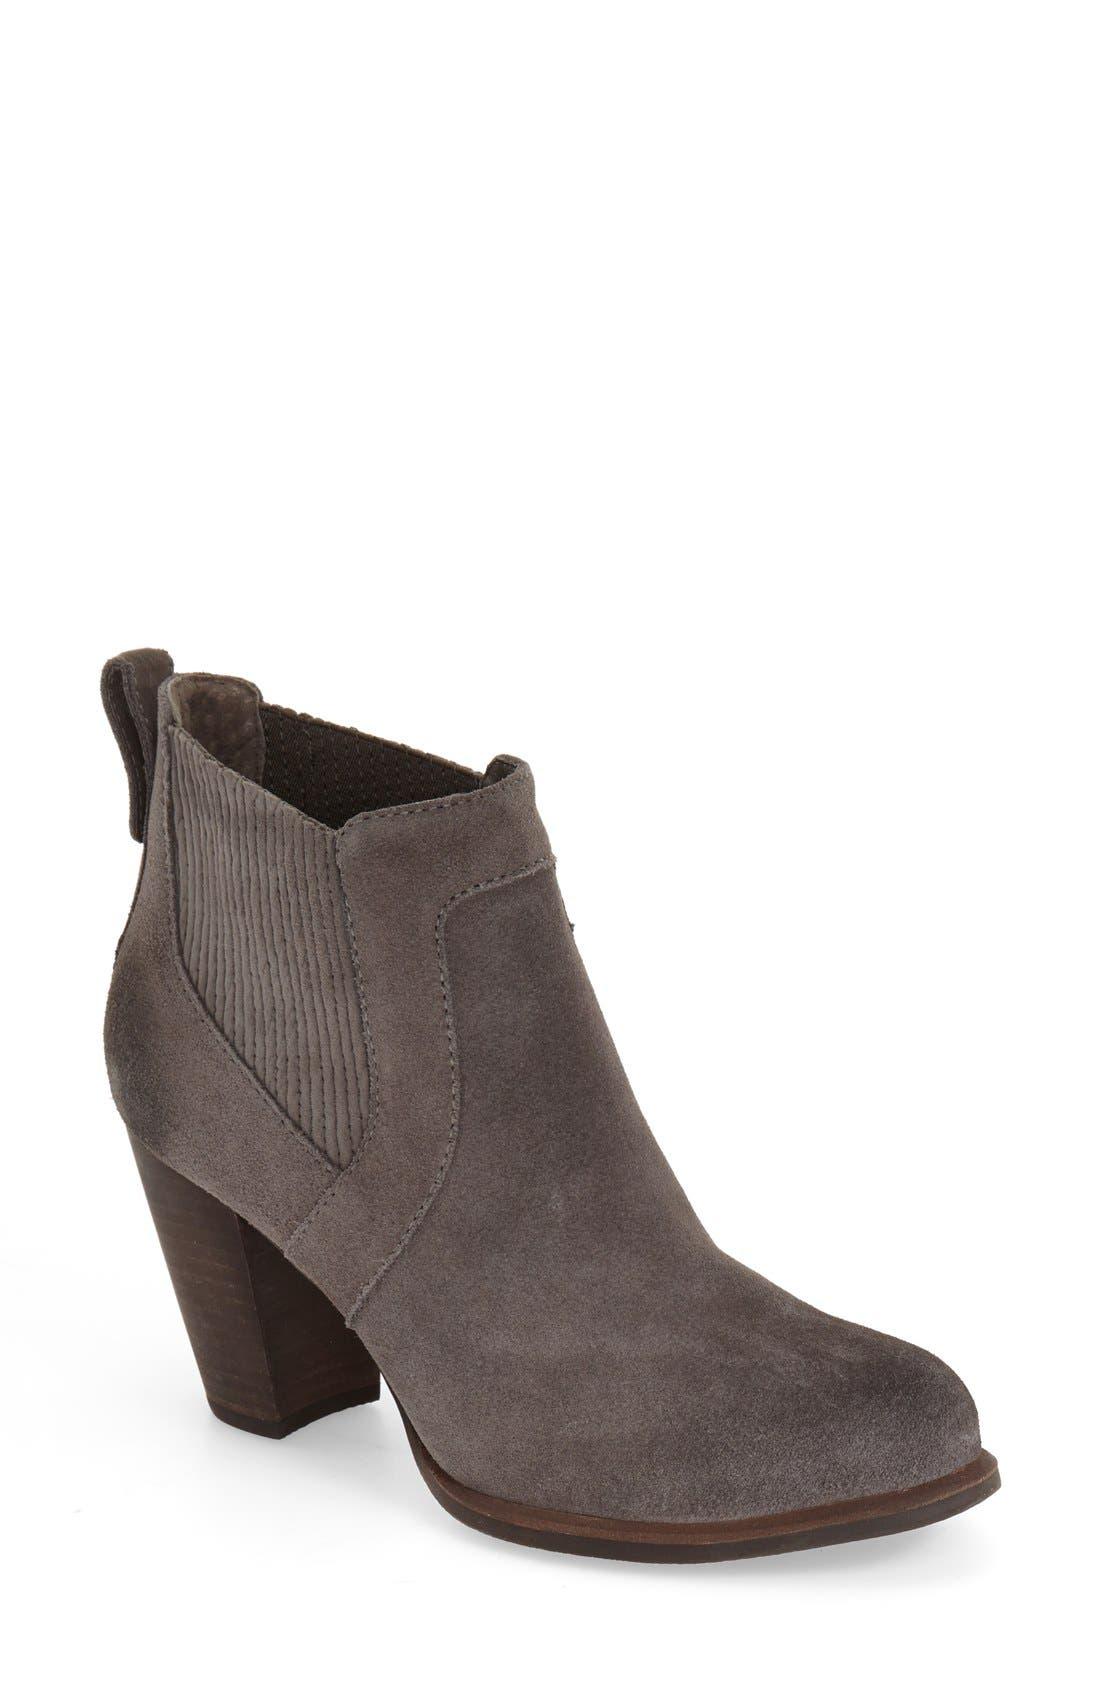 Main Image - UGG® 'Cobie II' Block Heel Bootie (Women)